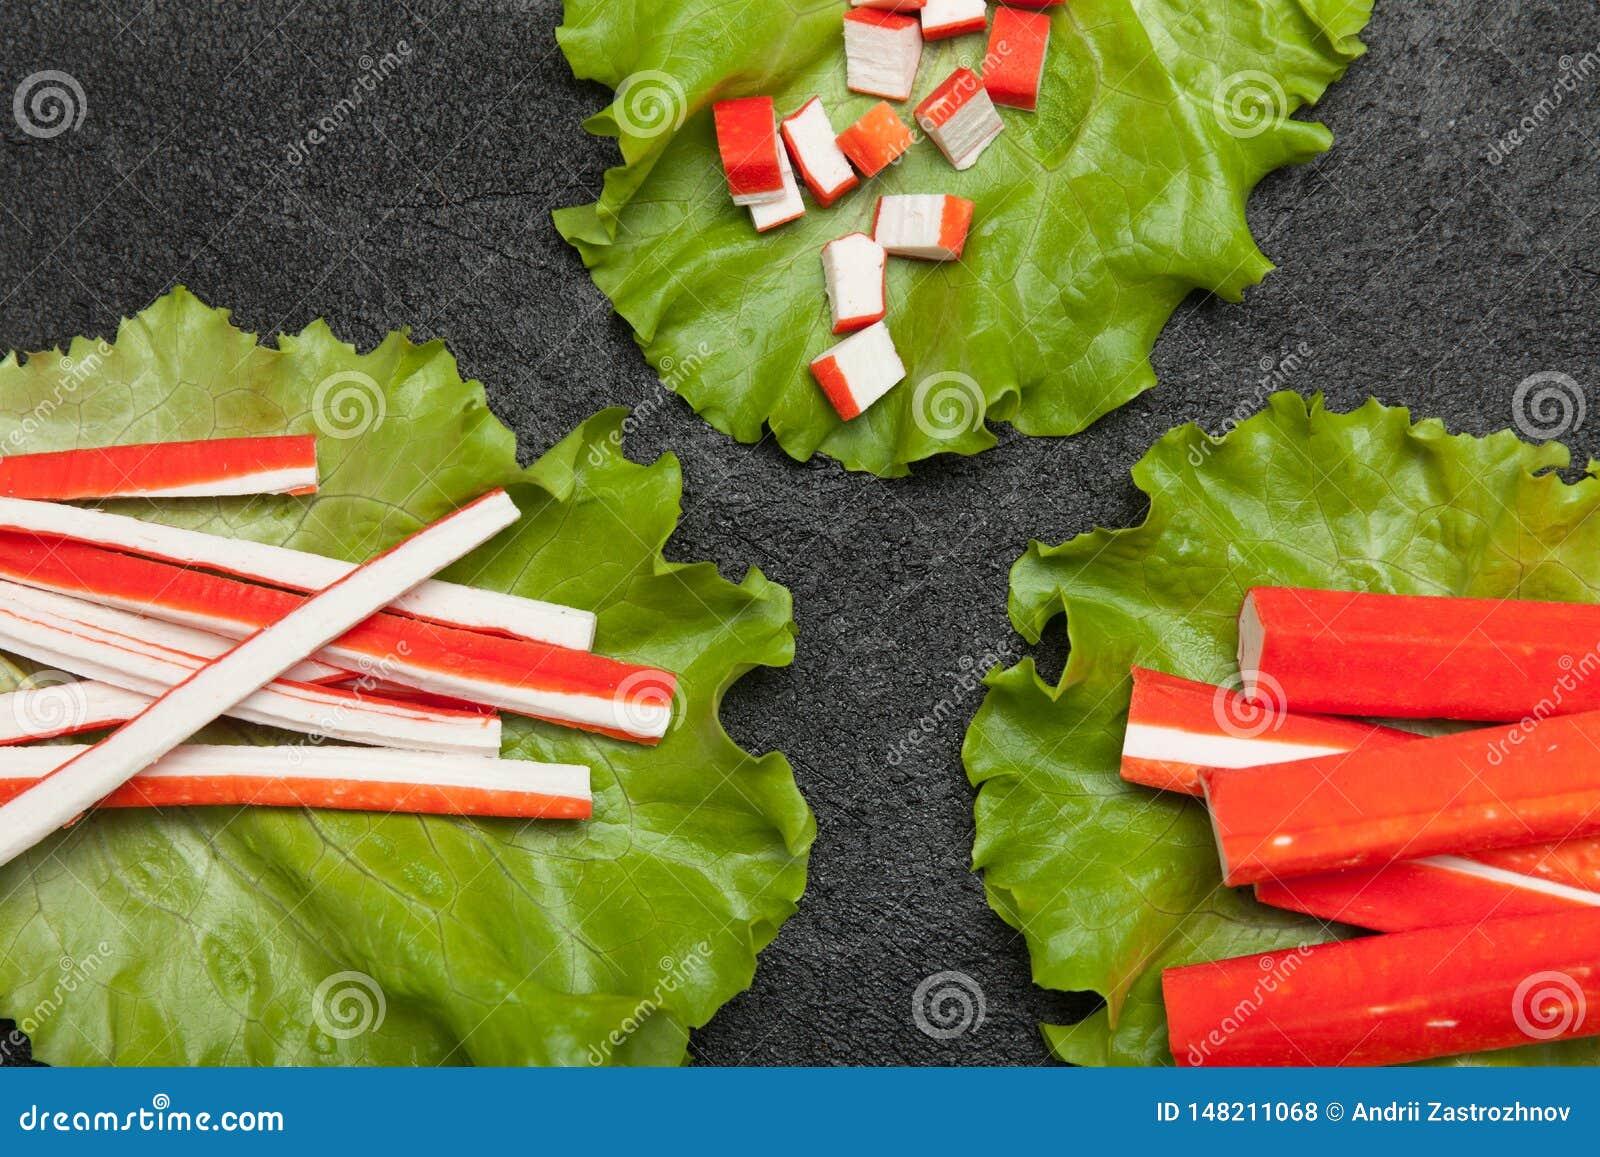 Surimi开胃菜,卵蛋白仿制螃蟹棍子